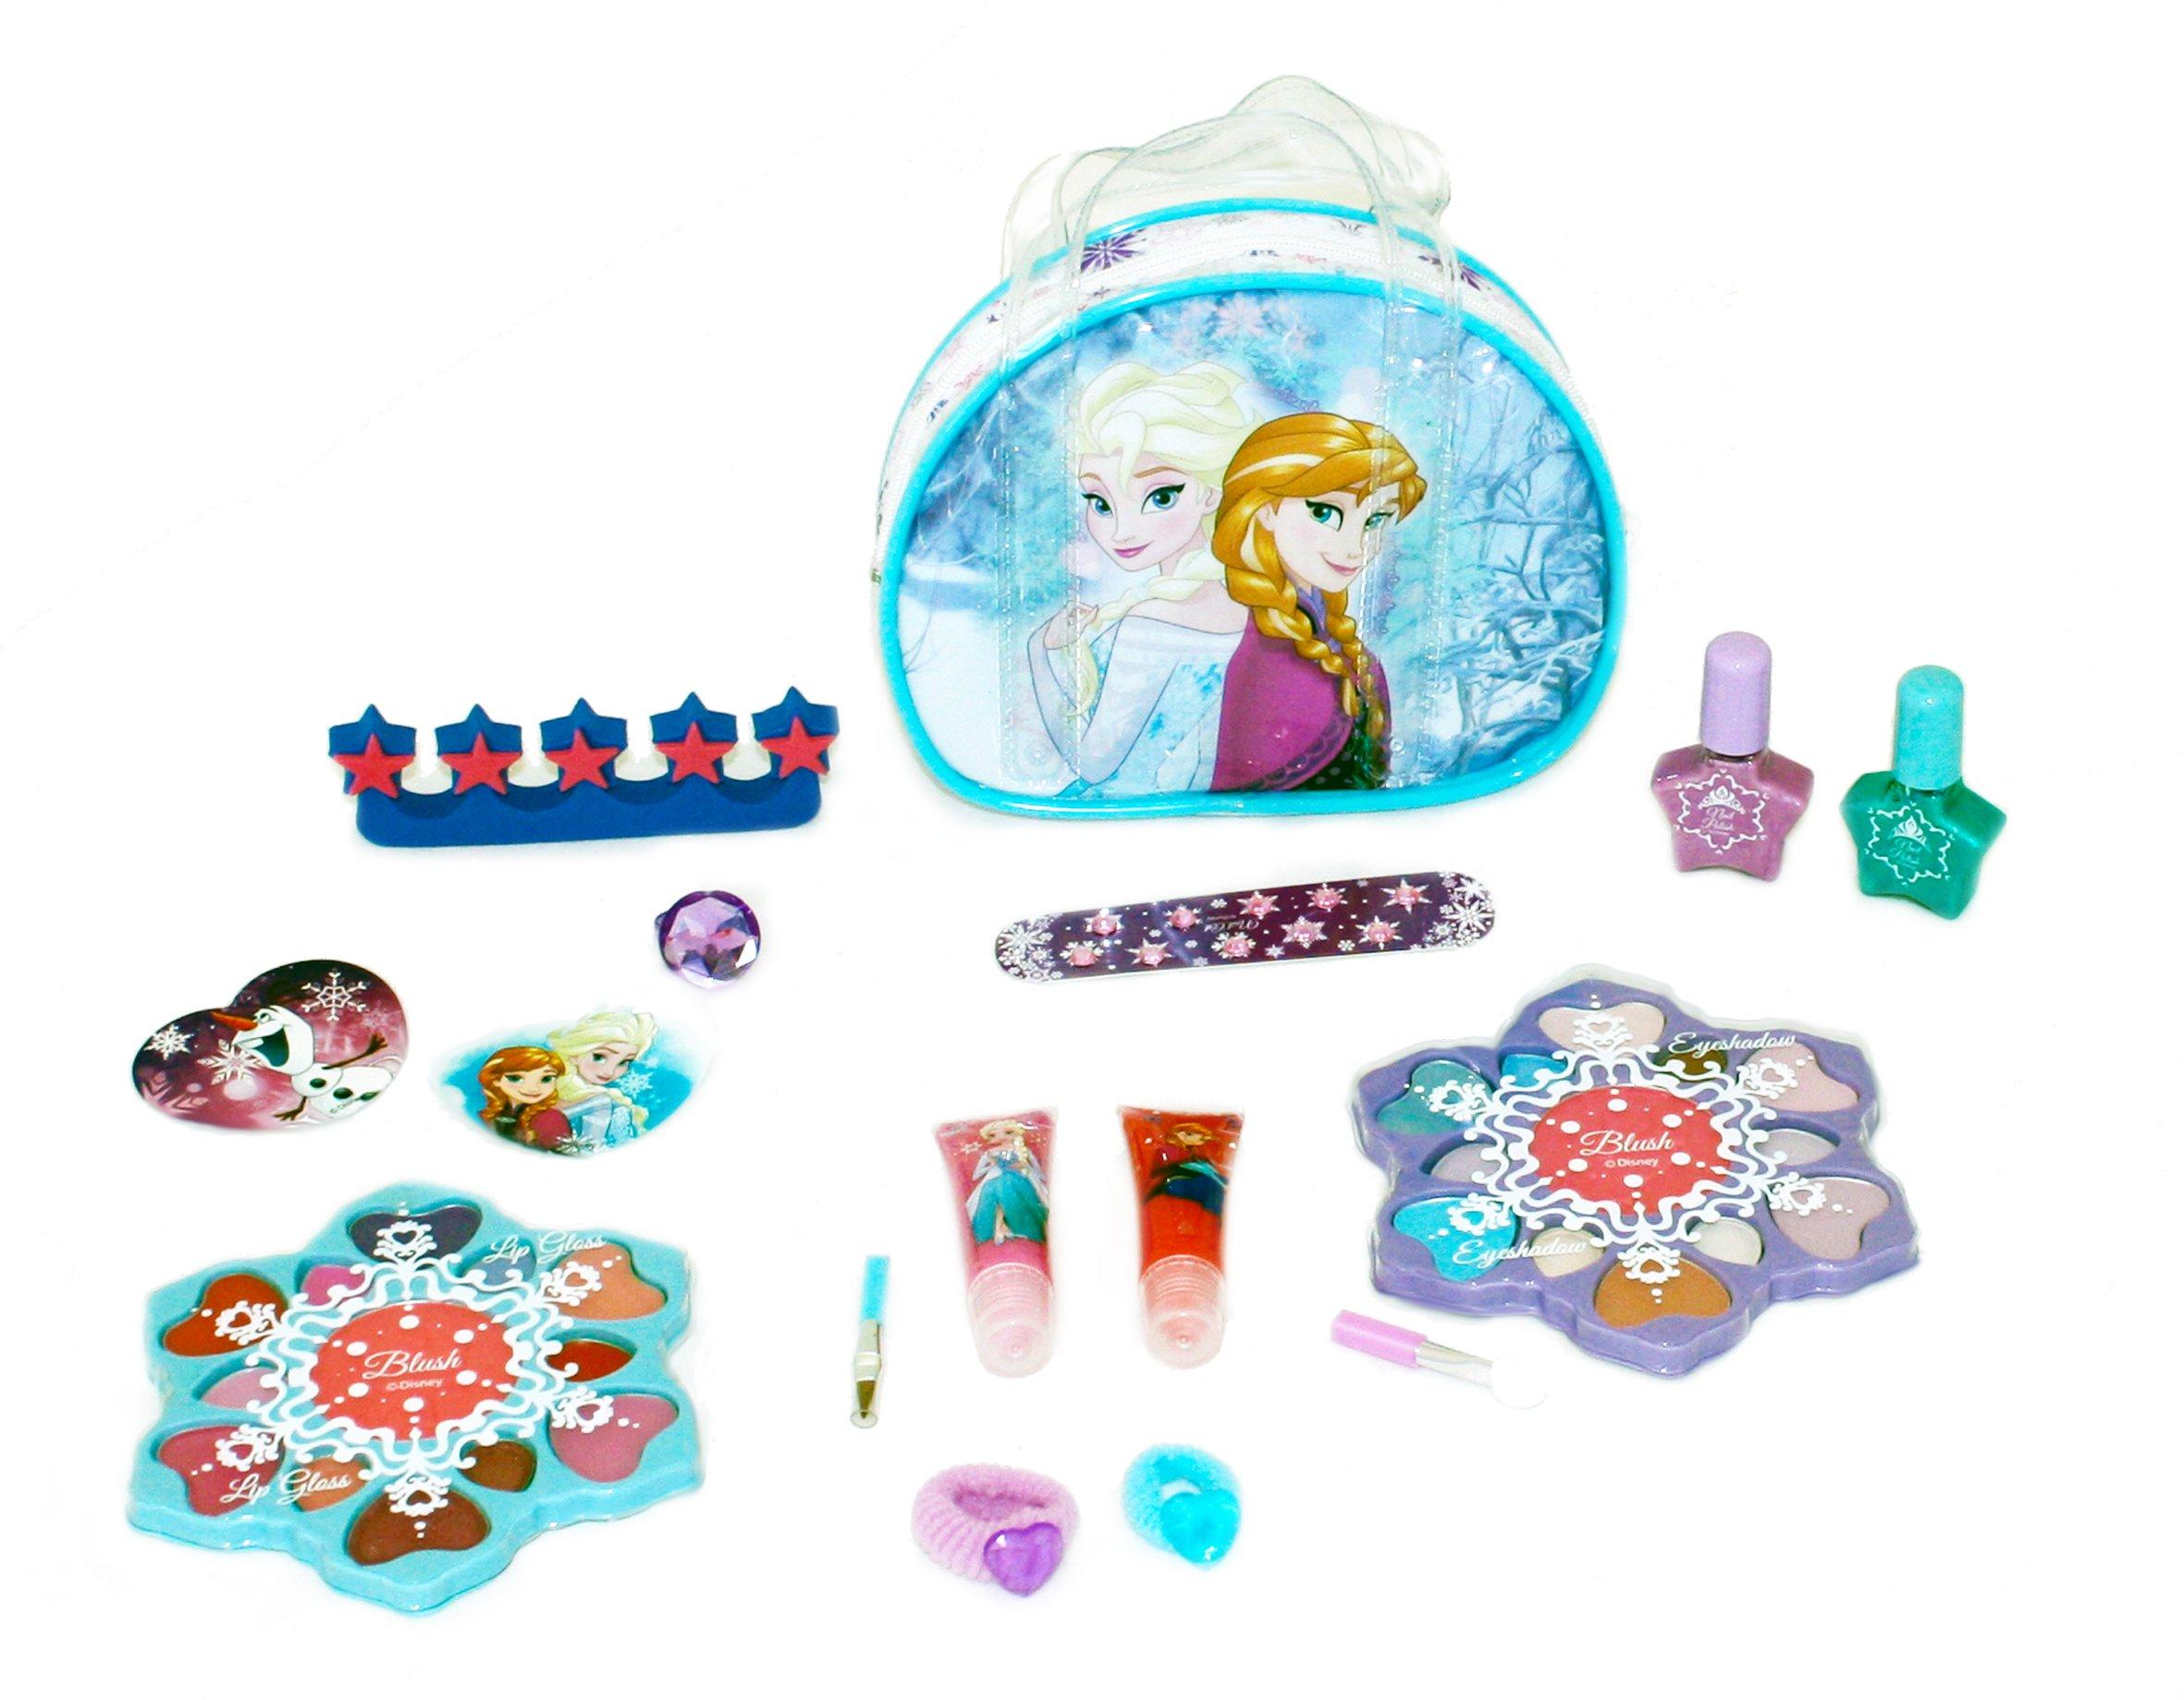 81Jo nfK42L - Disney Frozen - Icy Adventures Beauty Trolley, pack de maquillaje (Markwins 9607310)